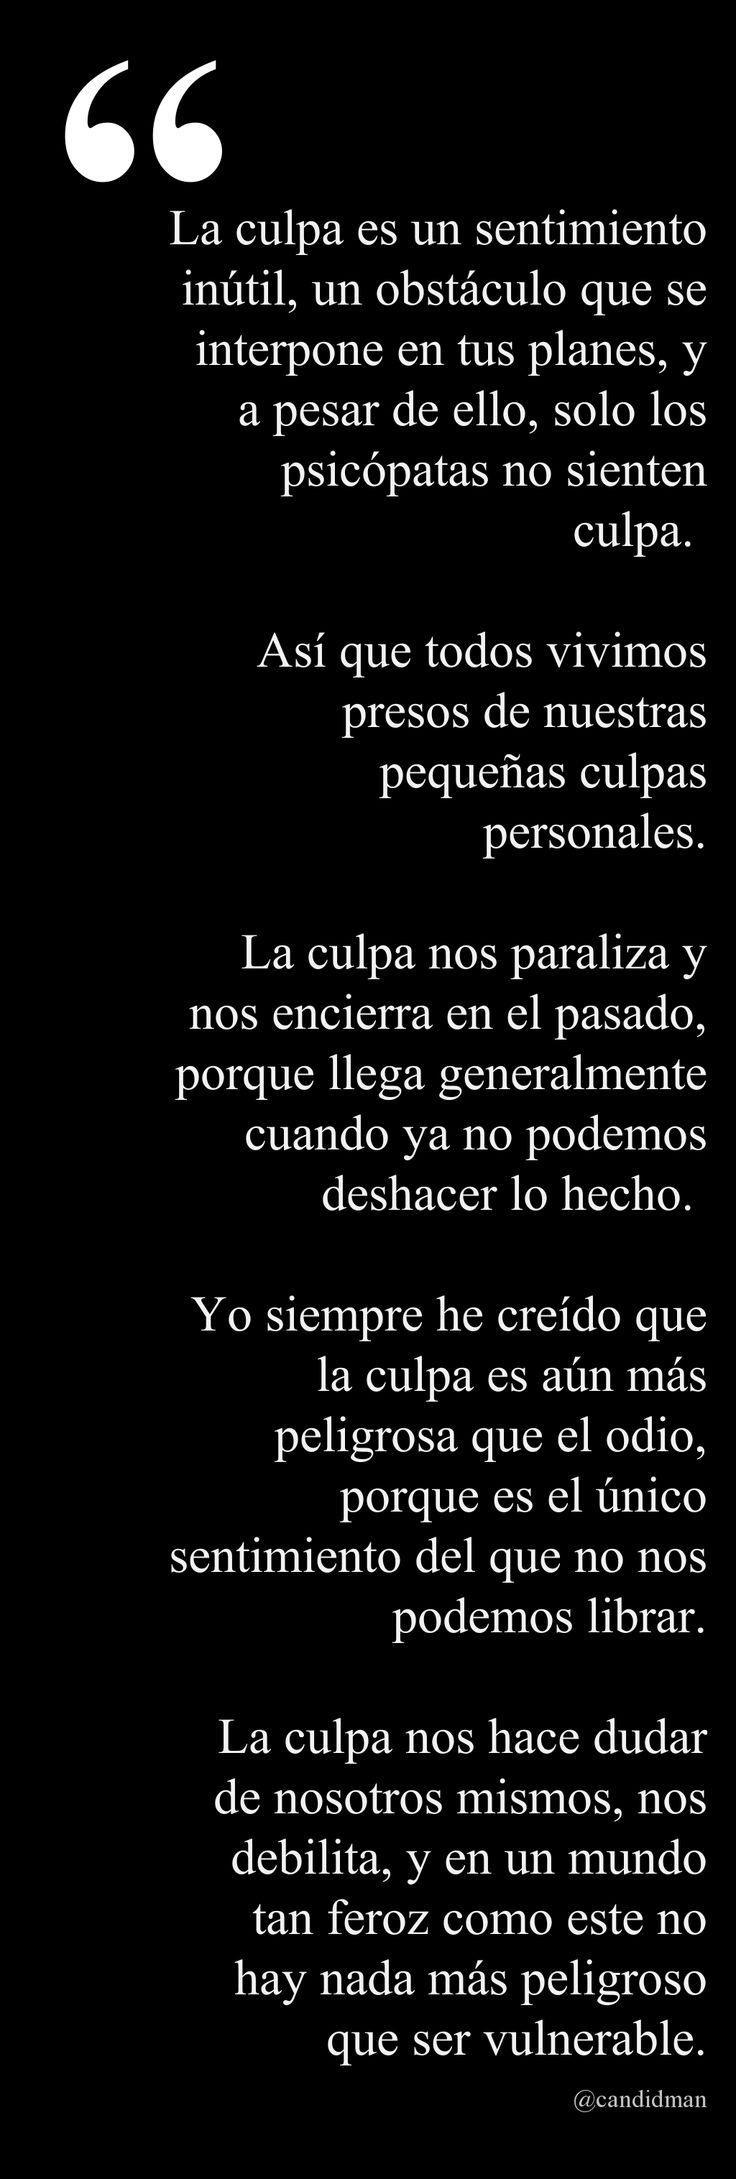 ... La culpa es un sentimiento inútil que se interpone en tus planes, y a pesar de ello, sólo los psicópatas no sienten culpa...